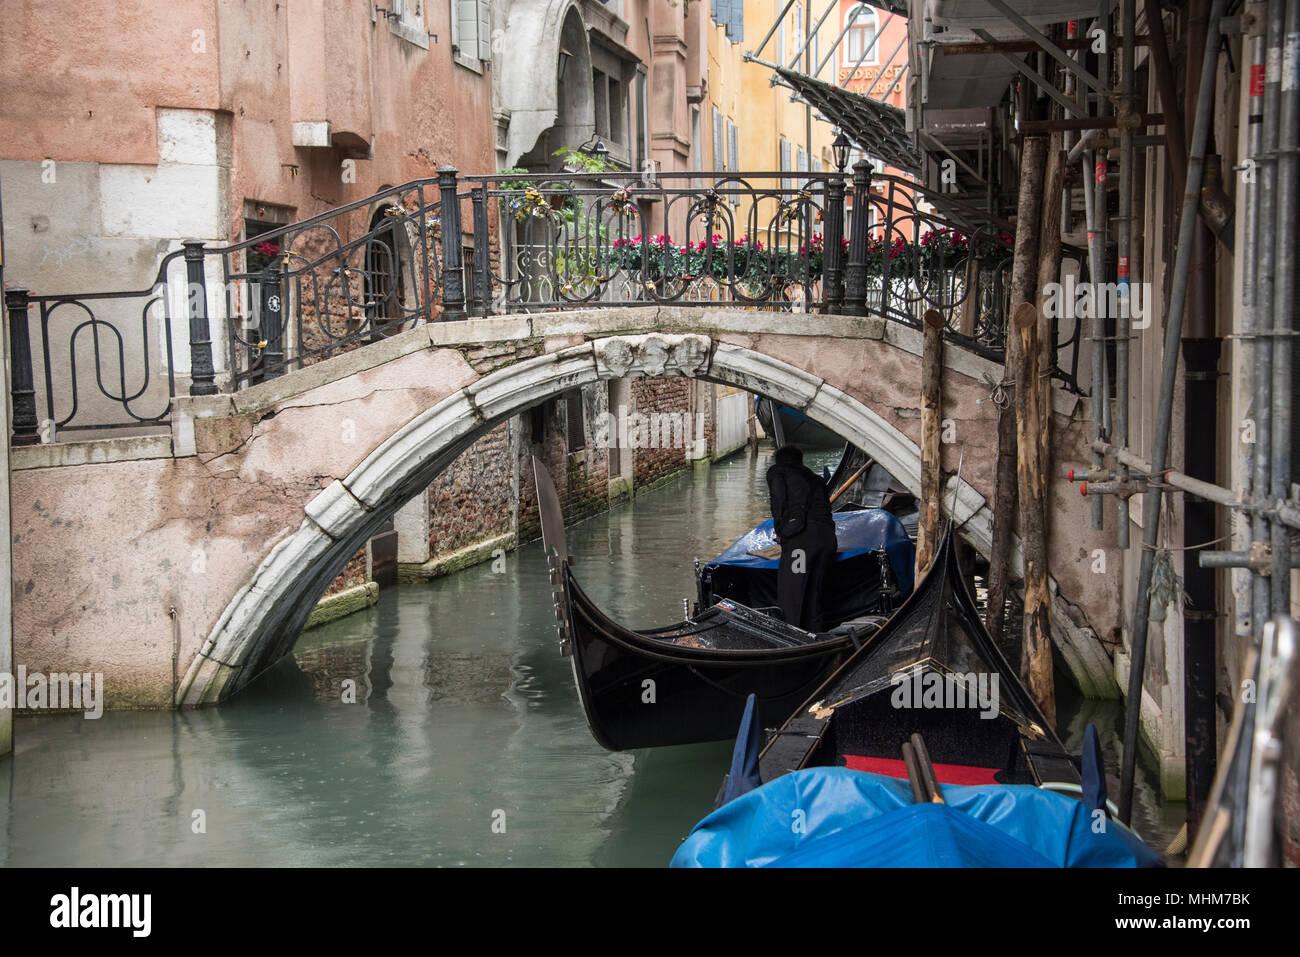 Eine Kanalbrucke Mit Gondeln Gunstig Gegen Mauern Bauen Stockfoto